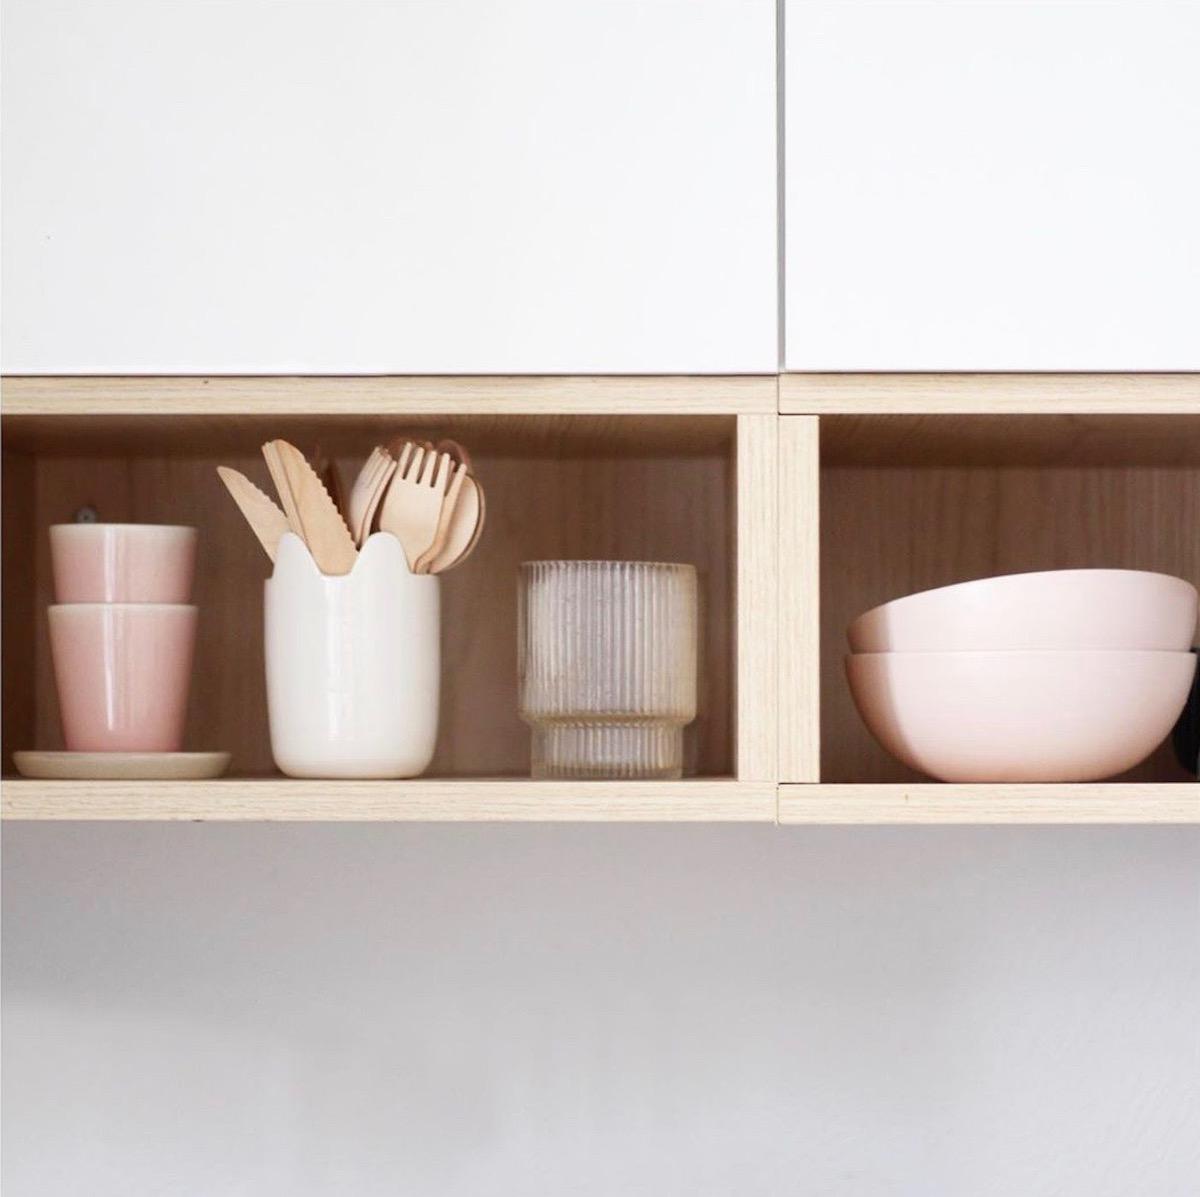 meuble cuisine la loutre scandinave vaisselle rose blanc déco tendance - clemaroundthecorner